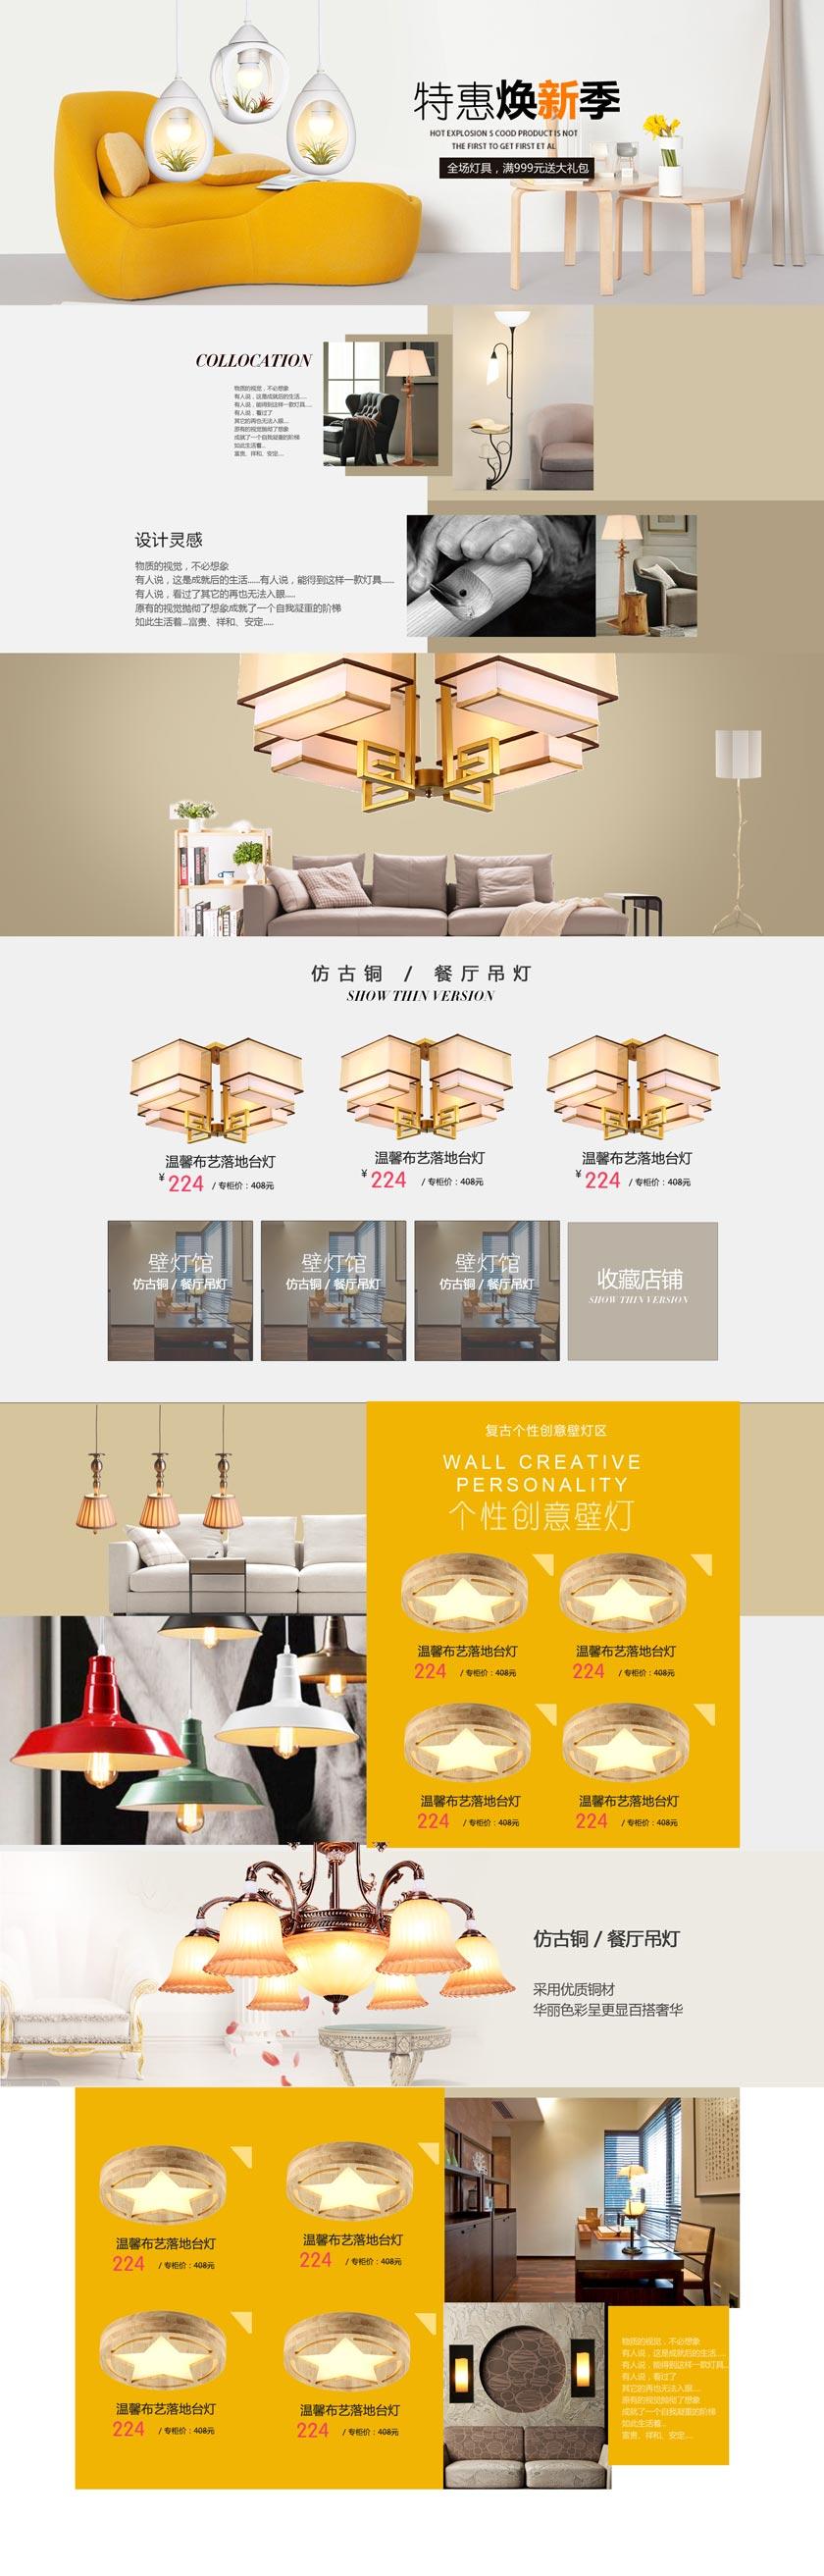 注意: 淘宝灯具店铺首页设计模板下载 说明: 爱图网所有作品均是网上